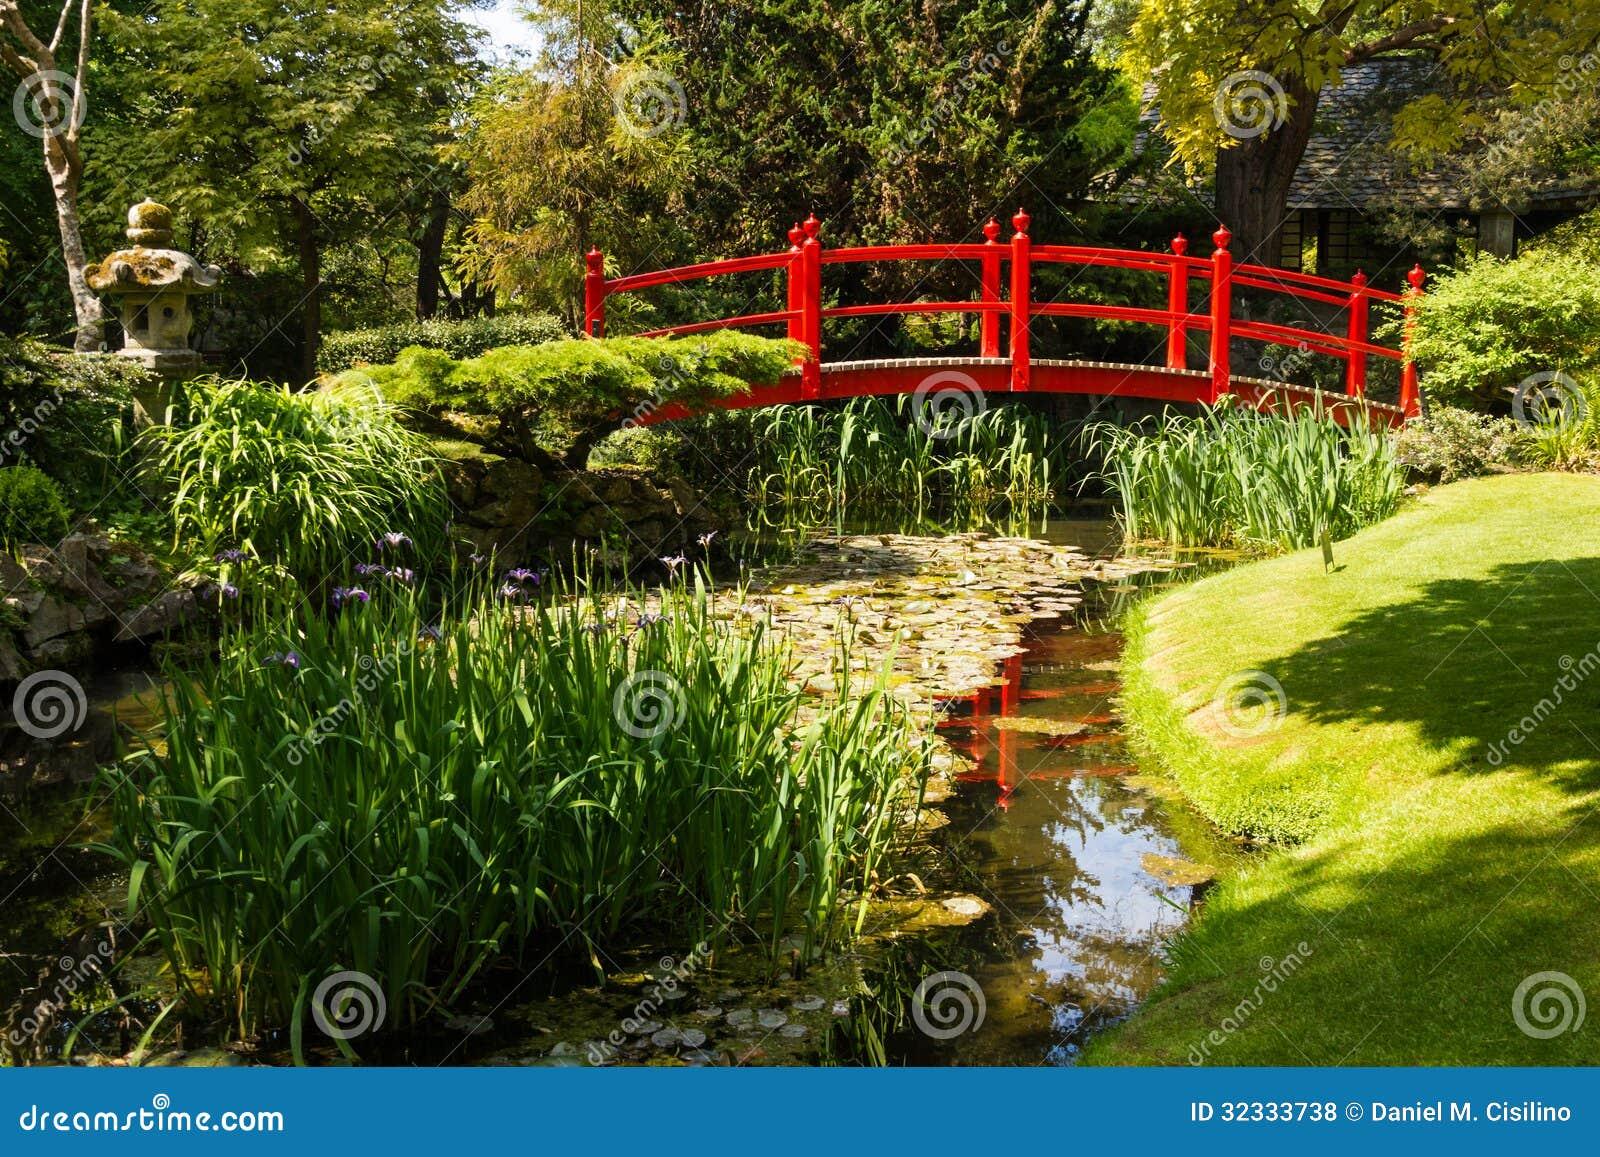 fotos jardins japoneses:puente de madera rojo. El jardín japonés en los jardines japoneses